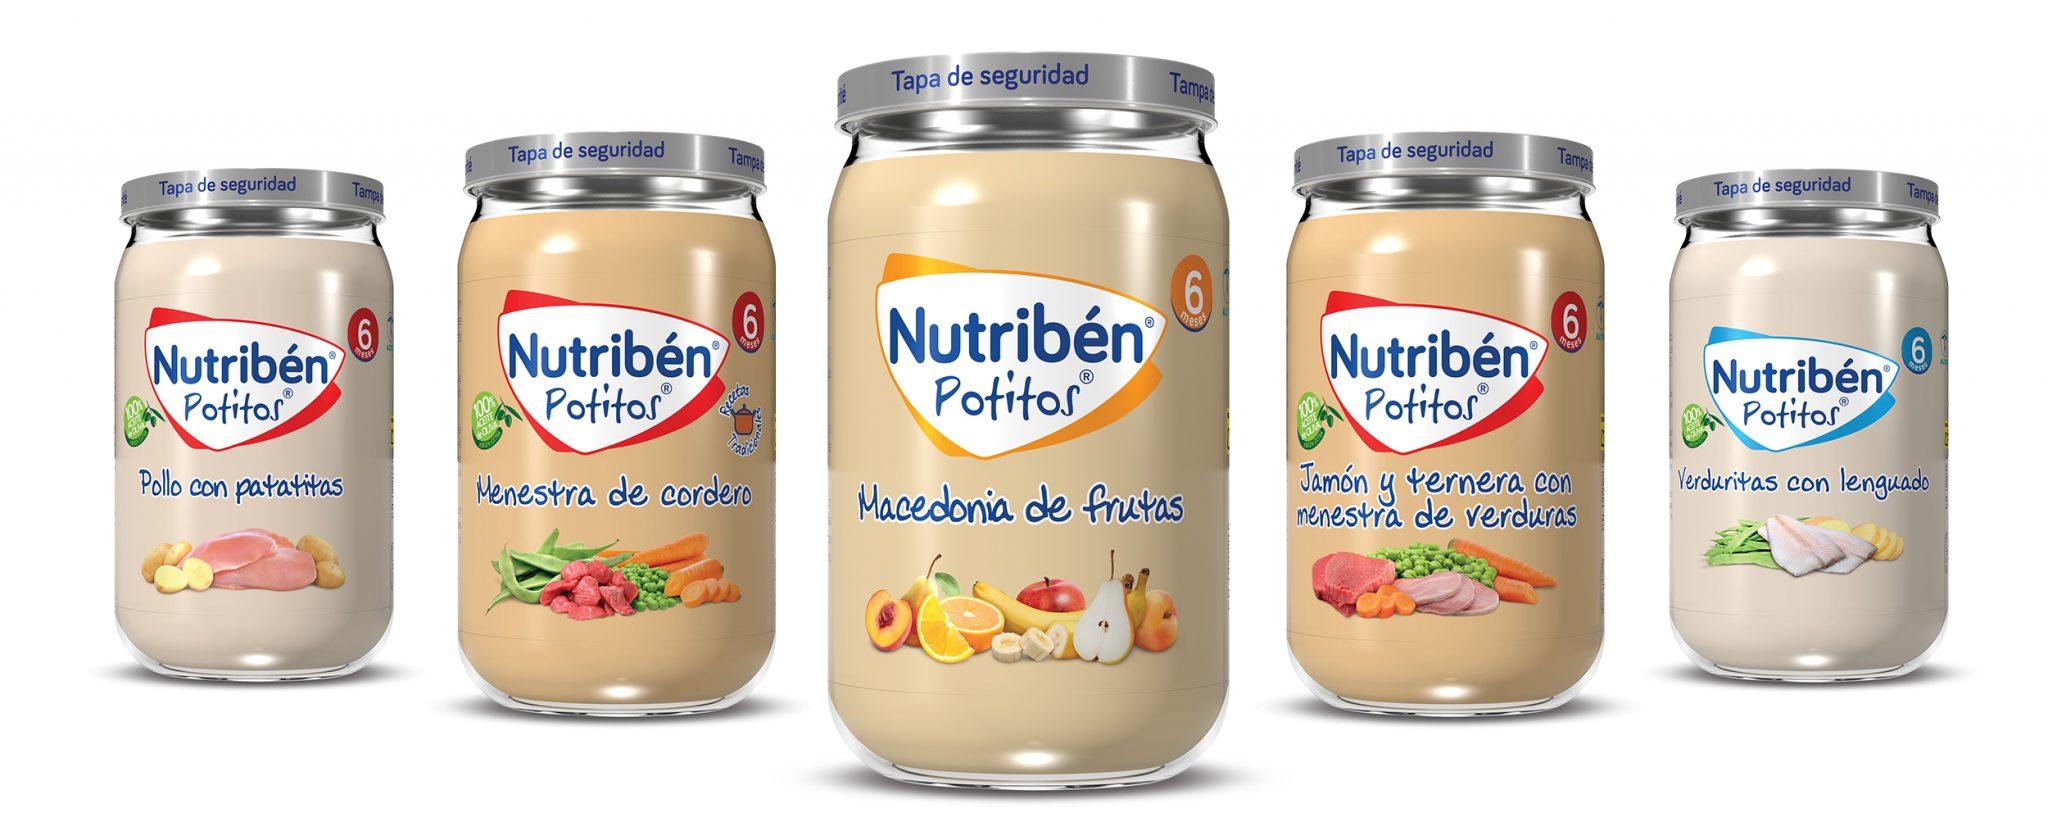 Potitos nutribén y Farmacia Ciudad Alta